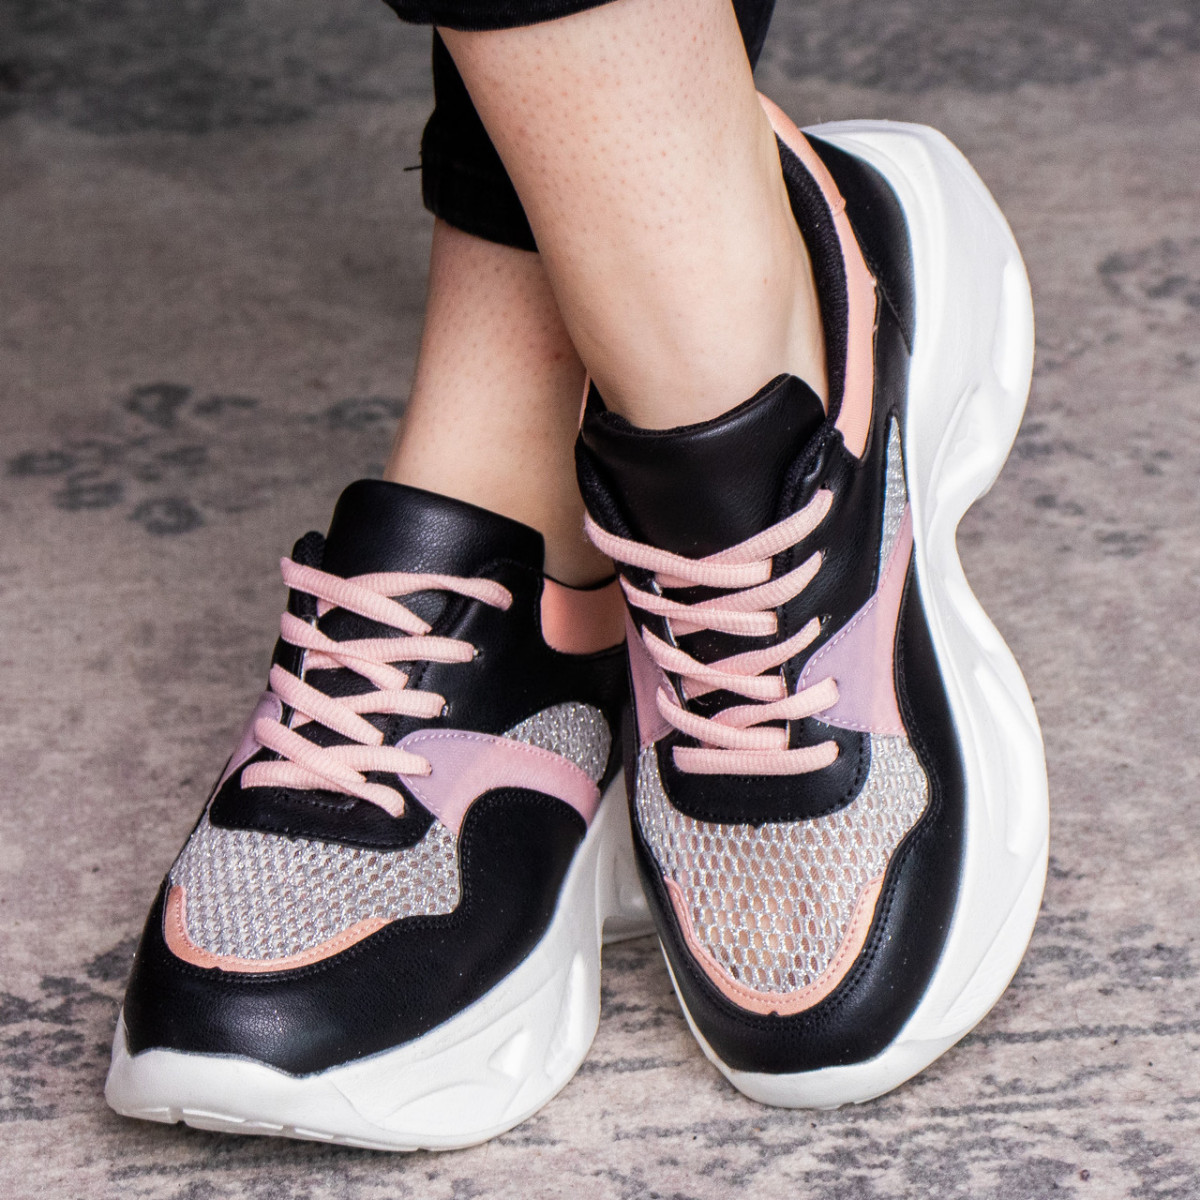 Кроссовки женские Fashion Qihai 2654 36 размер 23,5 см Черный